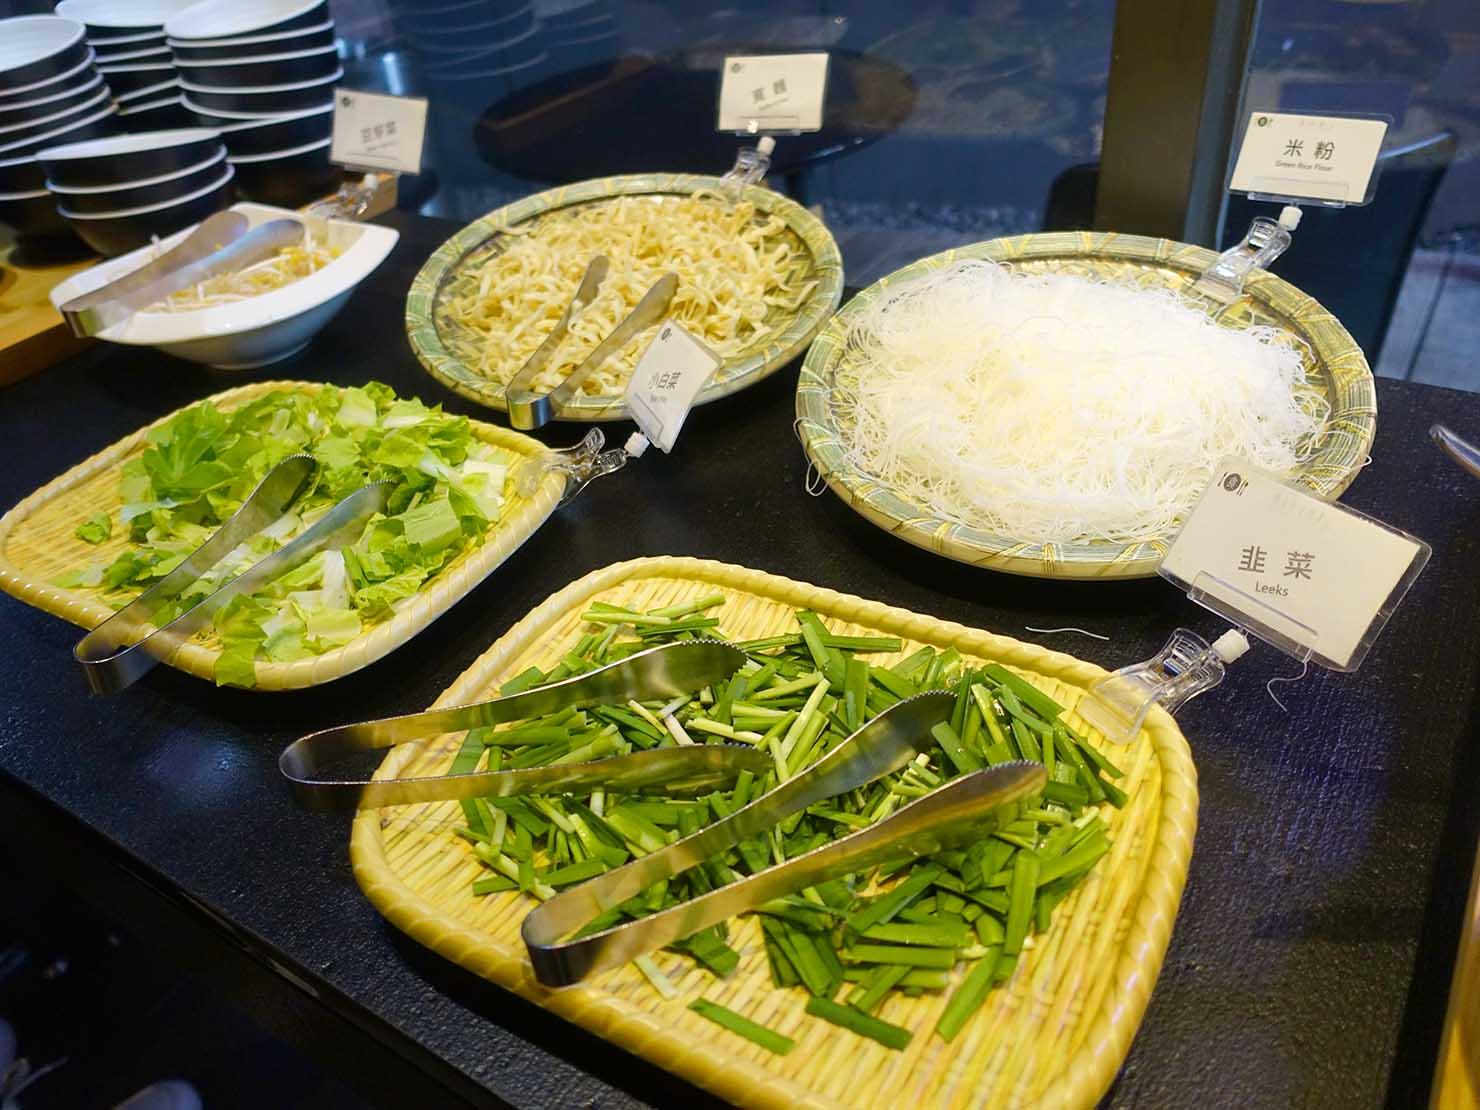 嘉義のおすすめホテル「嘉義觀止」B1F觀止餐廳でいただく朝食ビュッフェの麺類